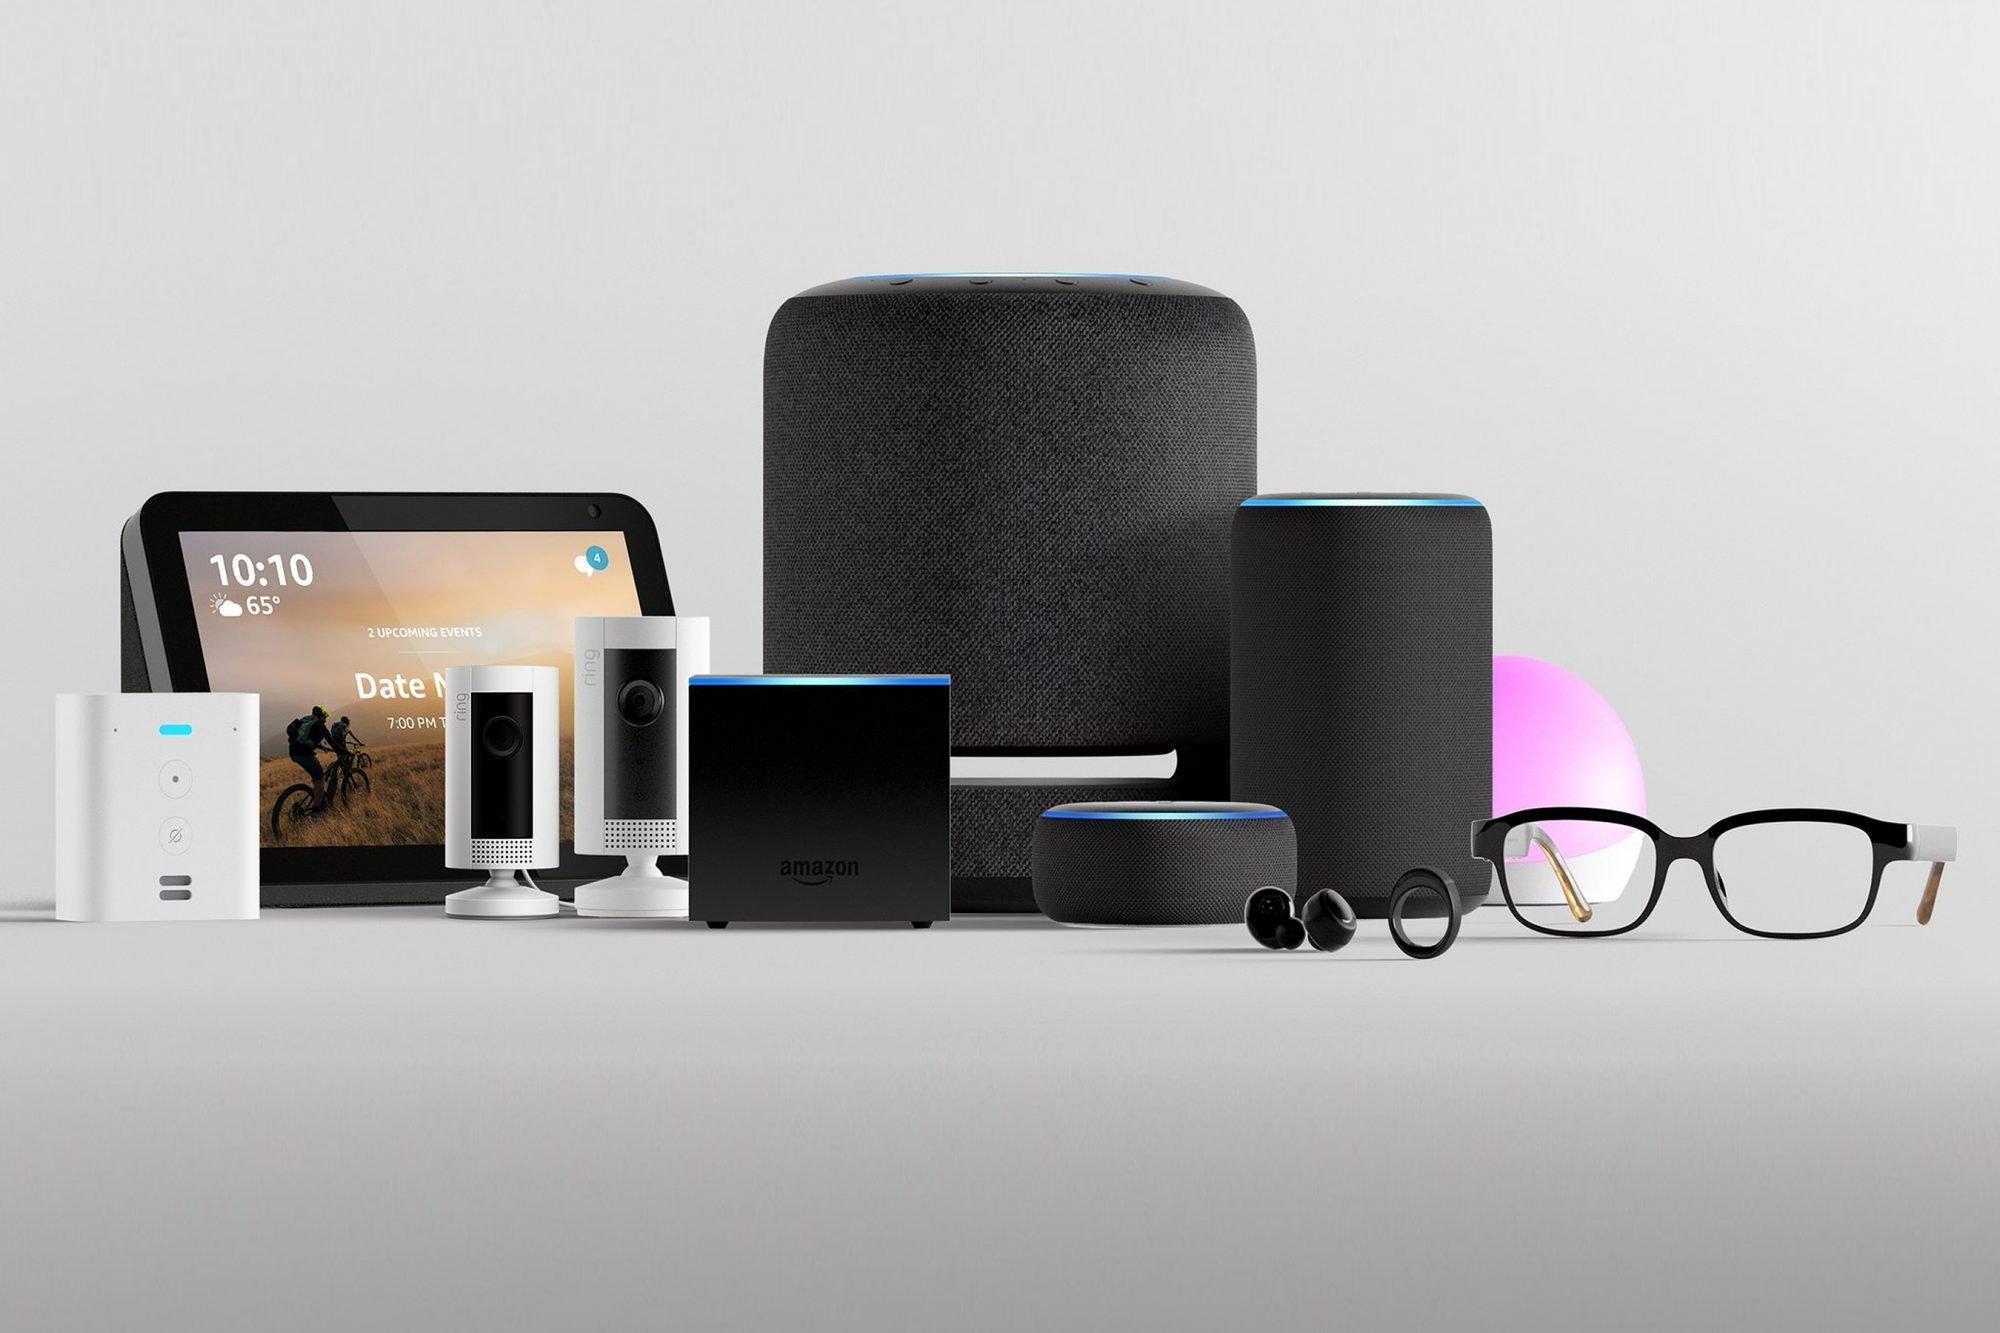 amazon dispositivos